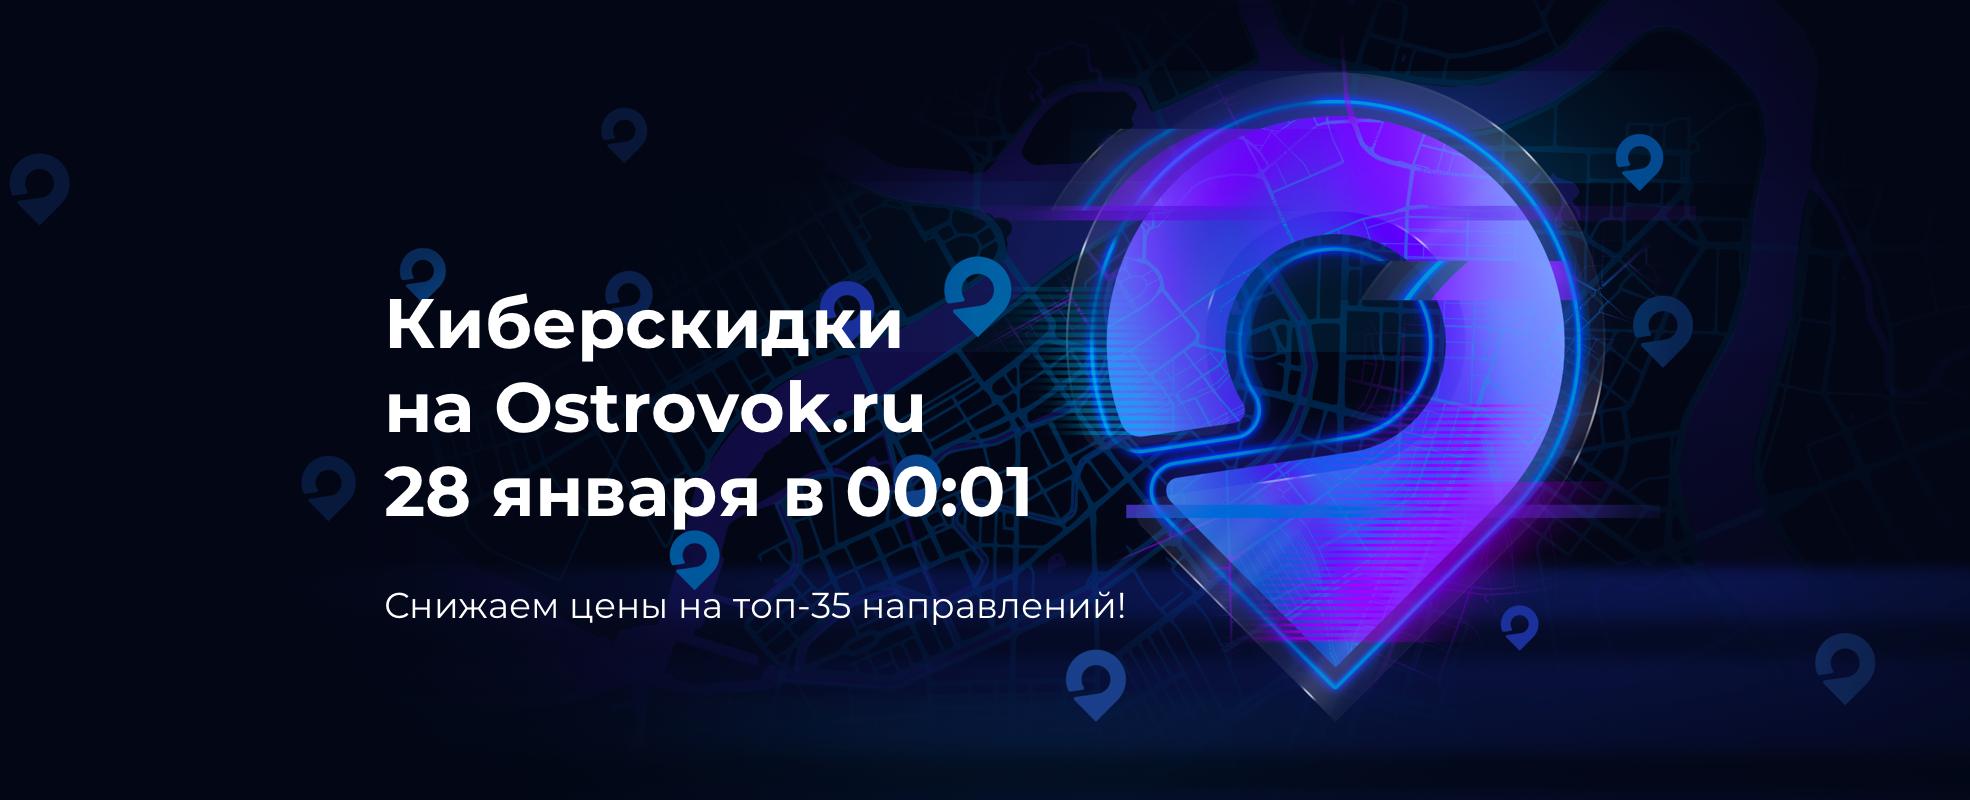 Киберскидки на Ostrovok.ru — 28 января в 00:01